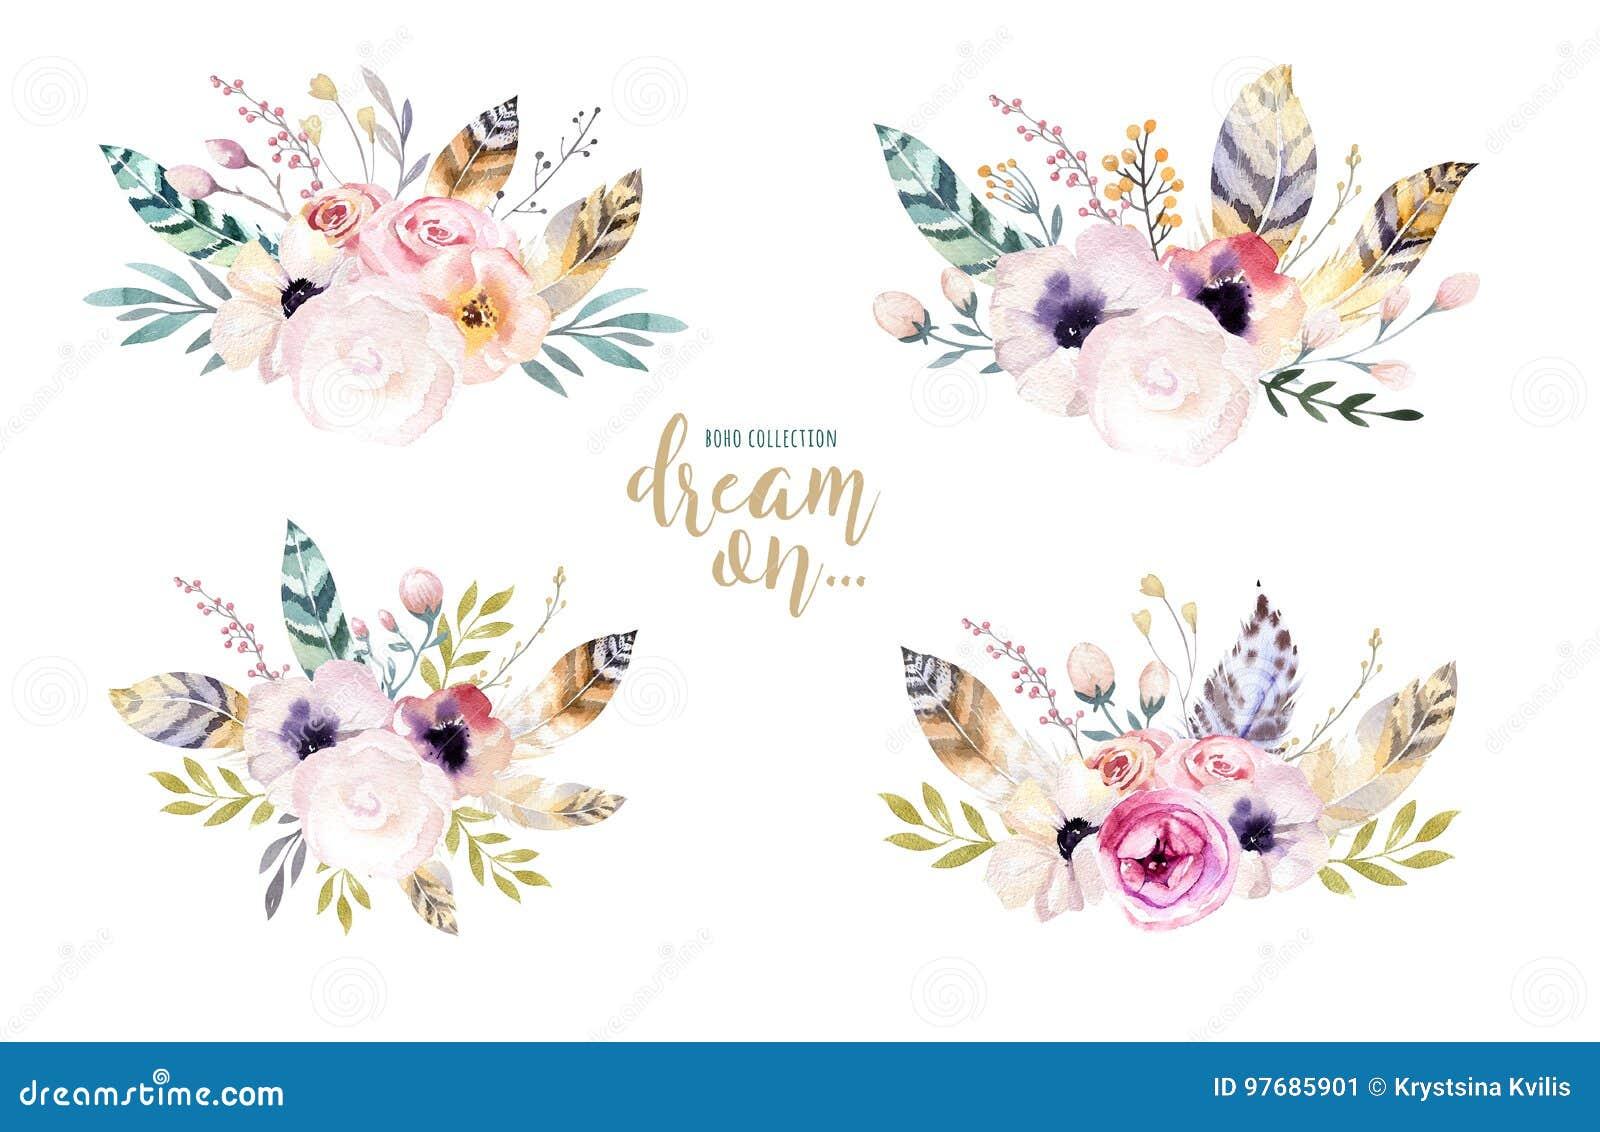 Entregue A Aquarela Isolada Desenho A Ilustracao Floral Com Folhas